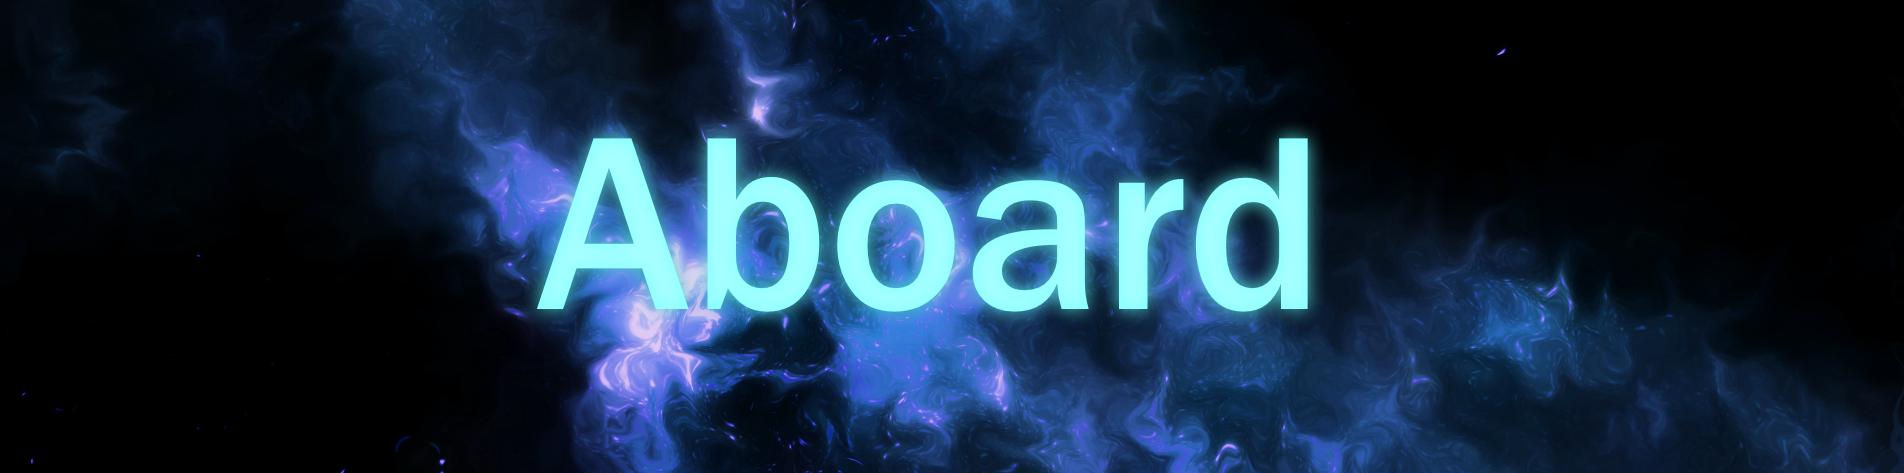 Aboard VR